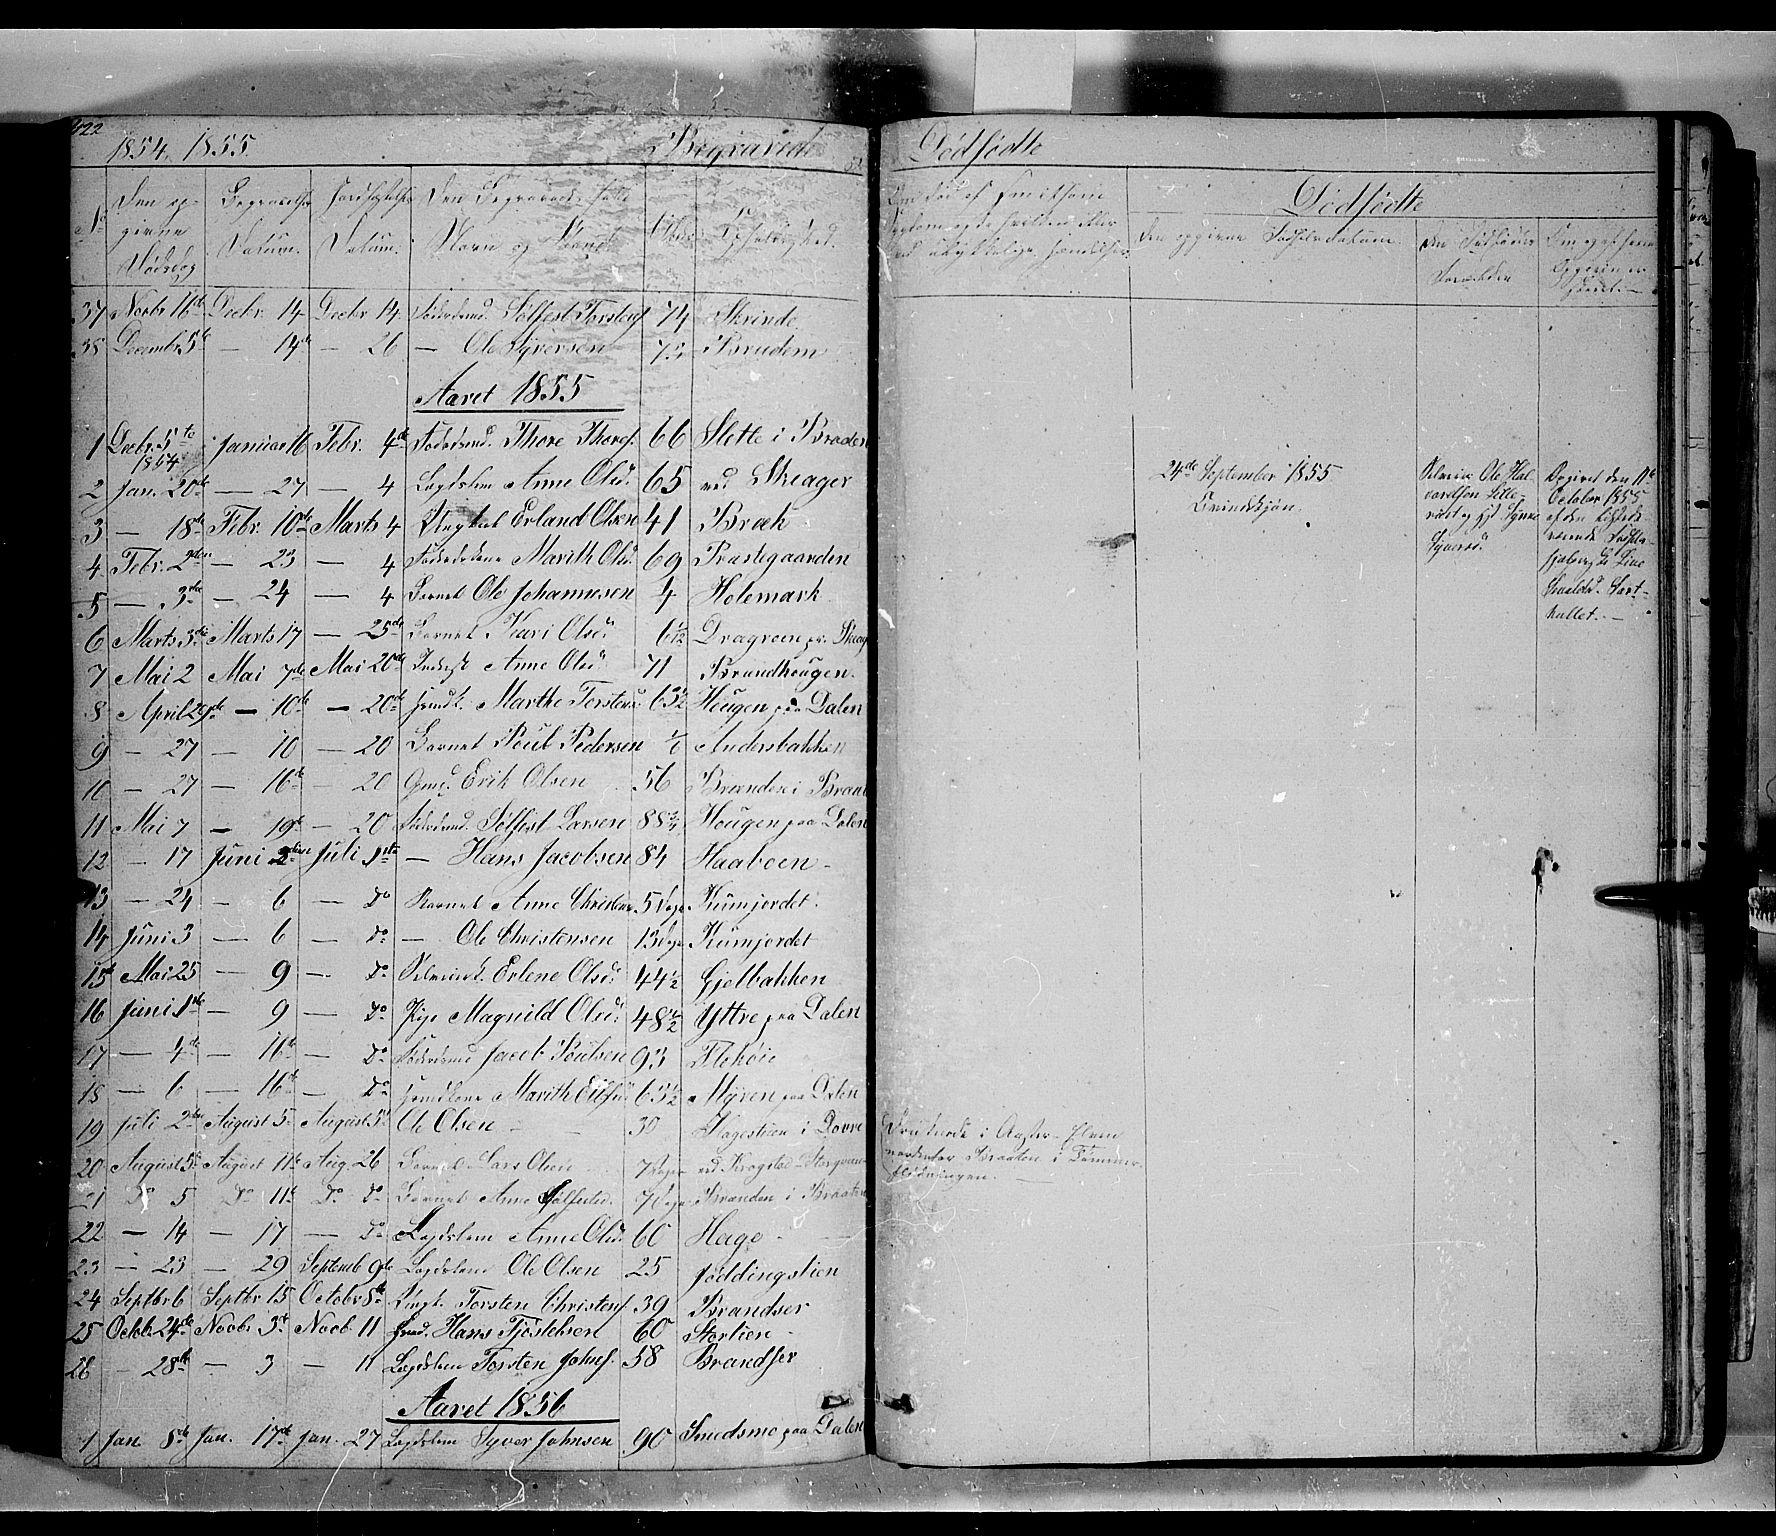 SAH, Lom prestekontor, L/L0004: Klokkerbok nr. 4, 1845-1864, s. 422-423